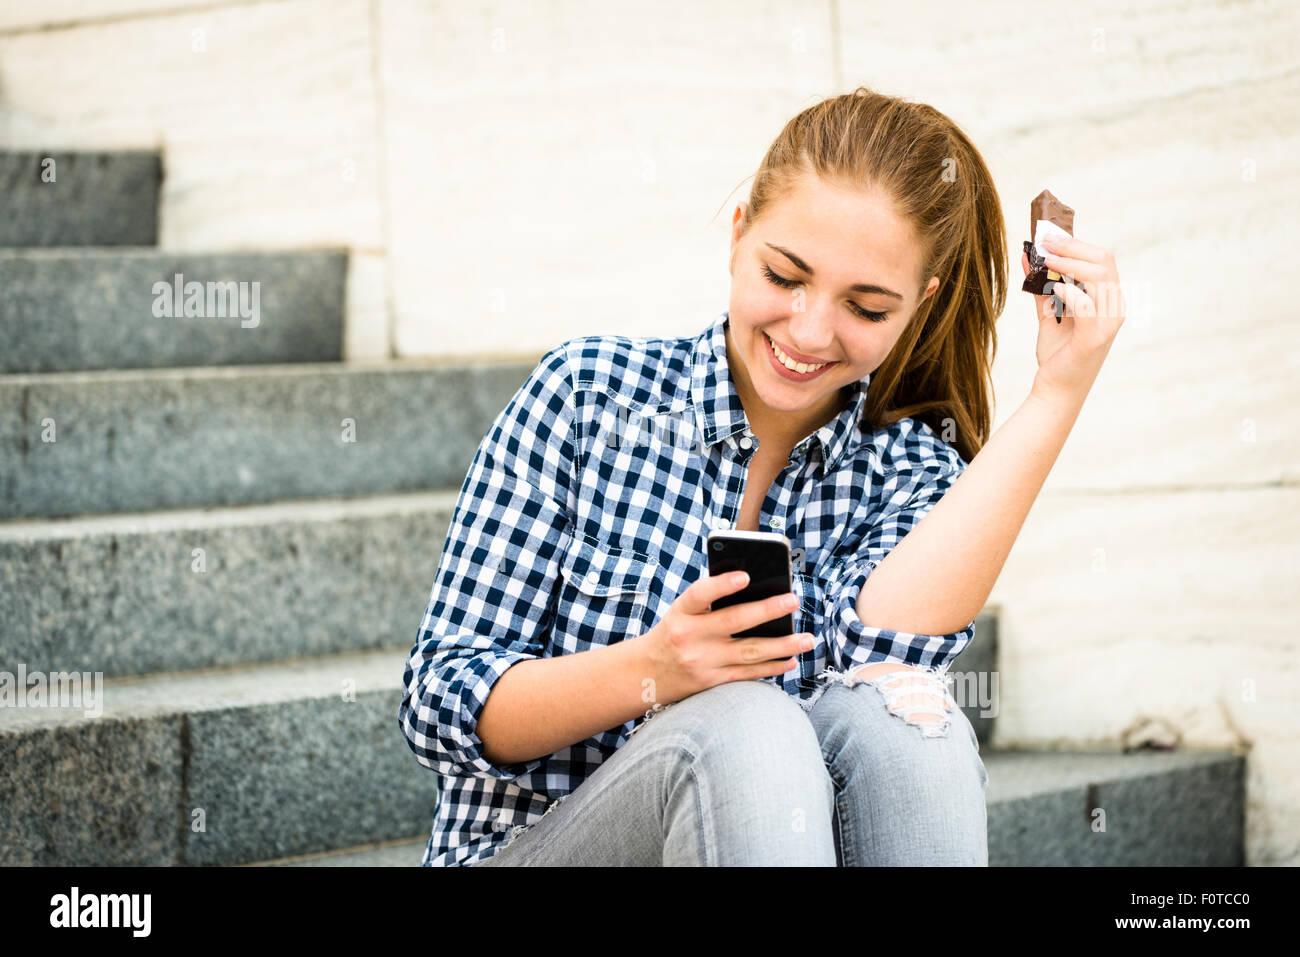 Adolescente - joven comer chocolate en la calle y buscando en el teléfono Foto de stock